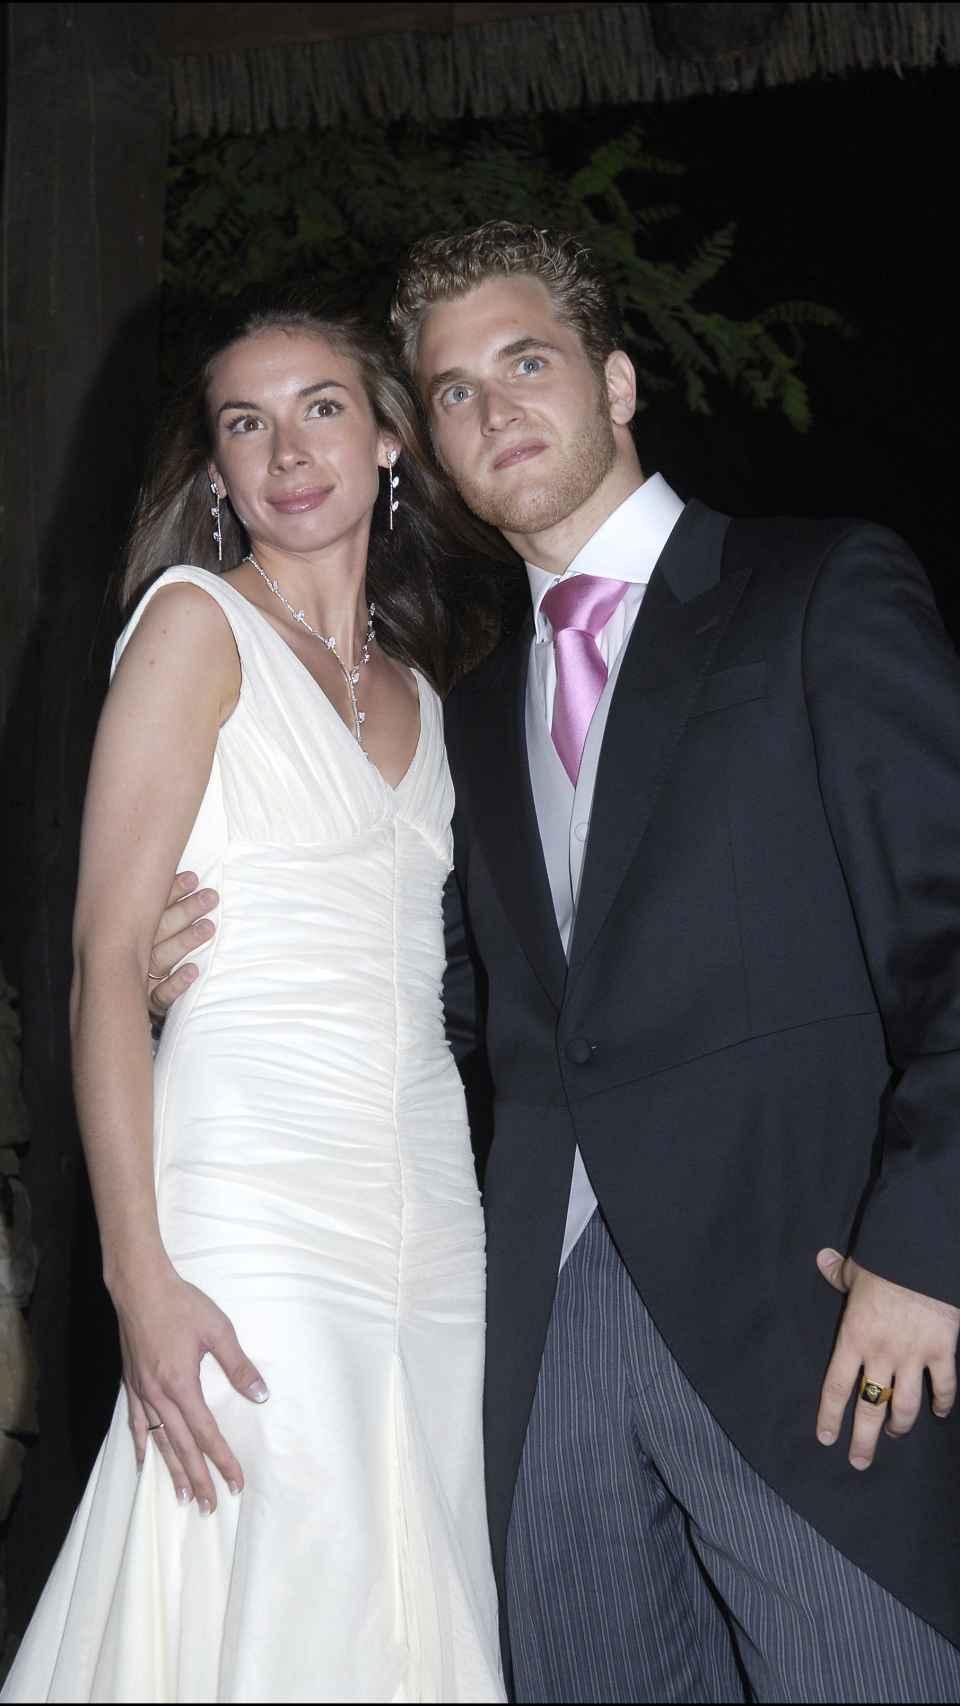 Alba Santana, vestida de Victorio & Lucchino, junto a su marido, Aviv Miron, el día de su boda.